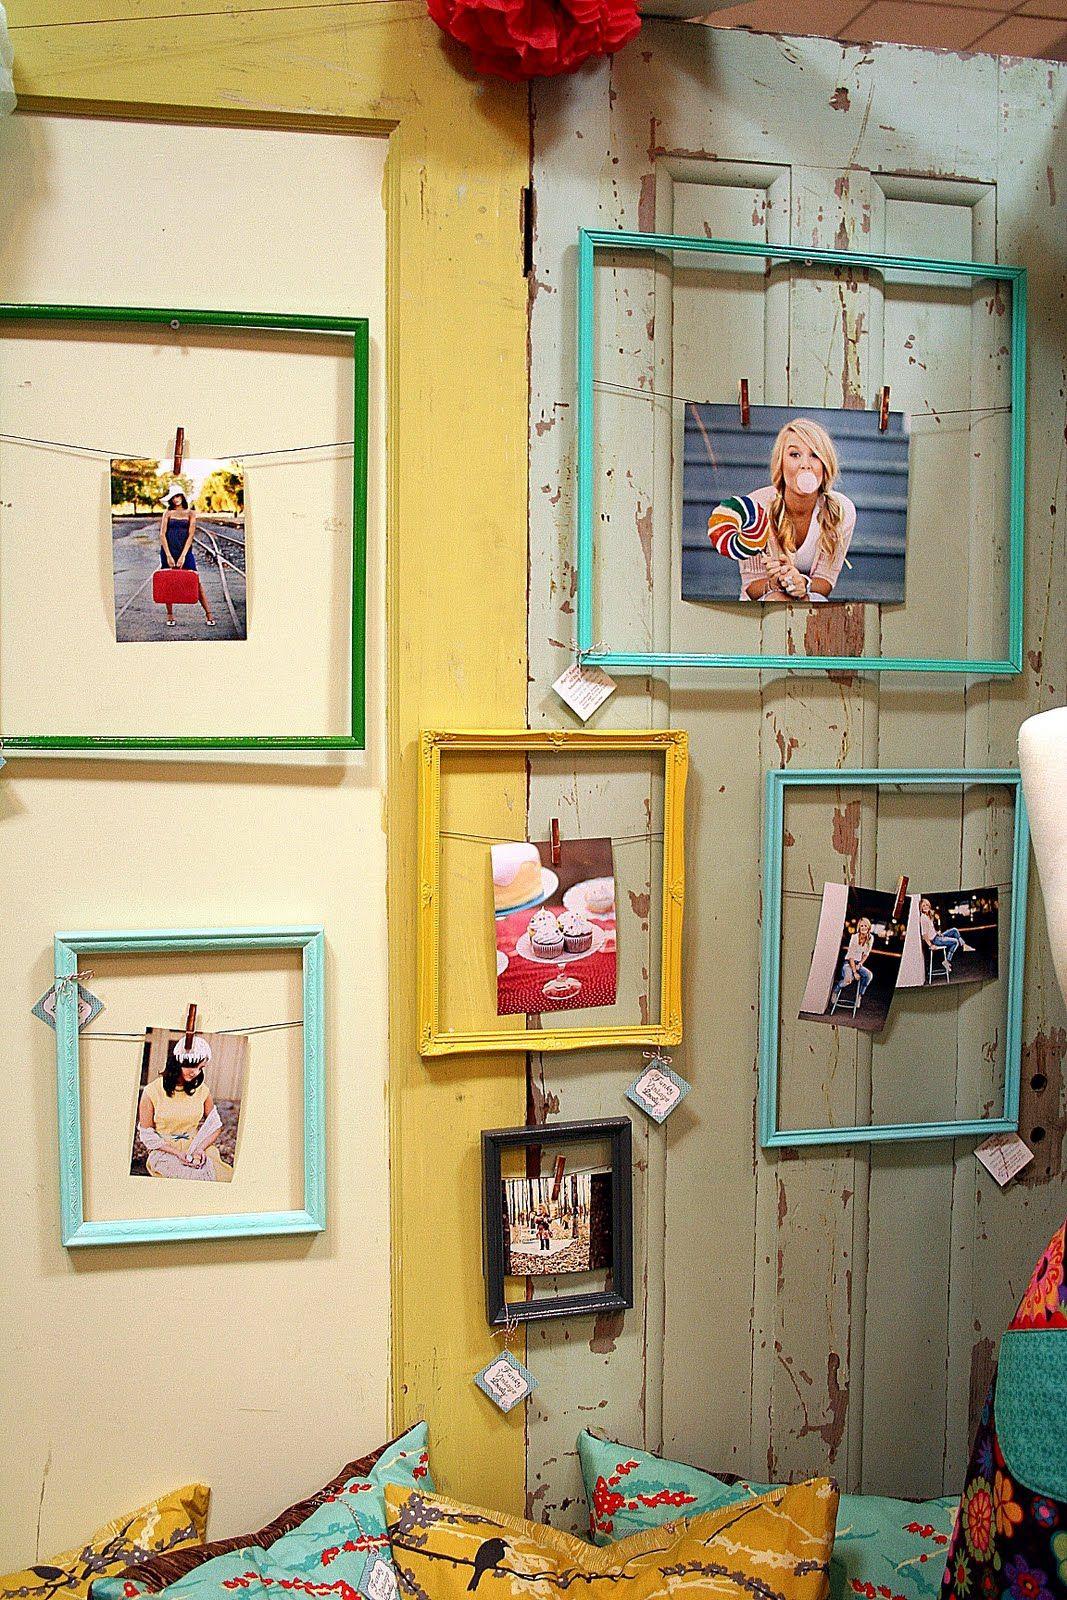 Fotos decoracion con cuadros de pared colgar design casa also pin by maria celeste vasina on ideas rh ar pinterest